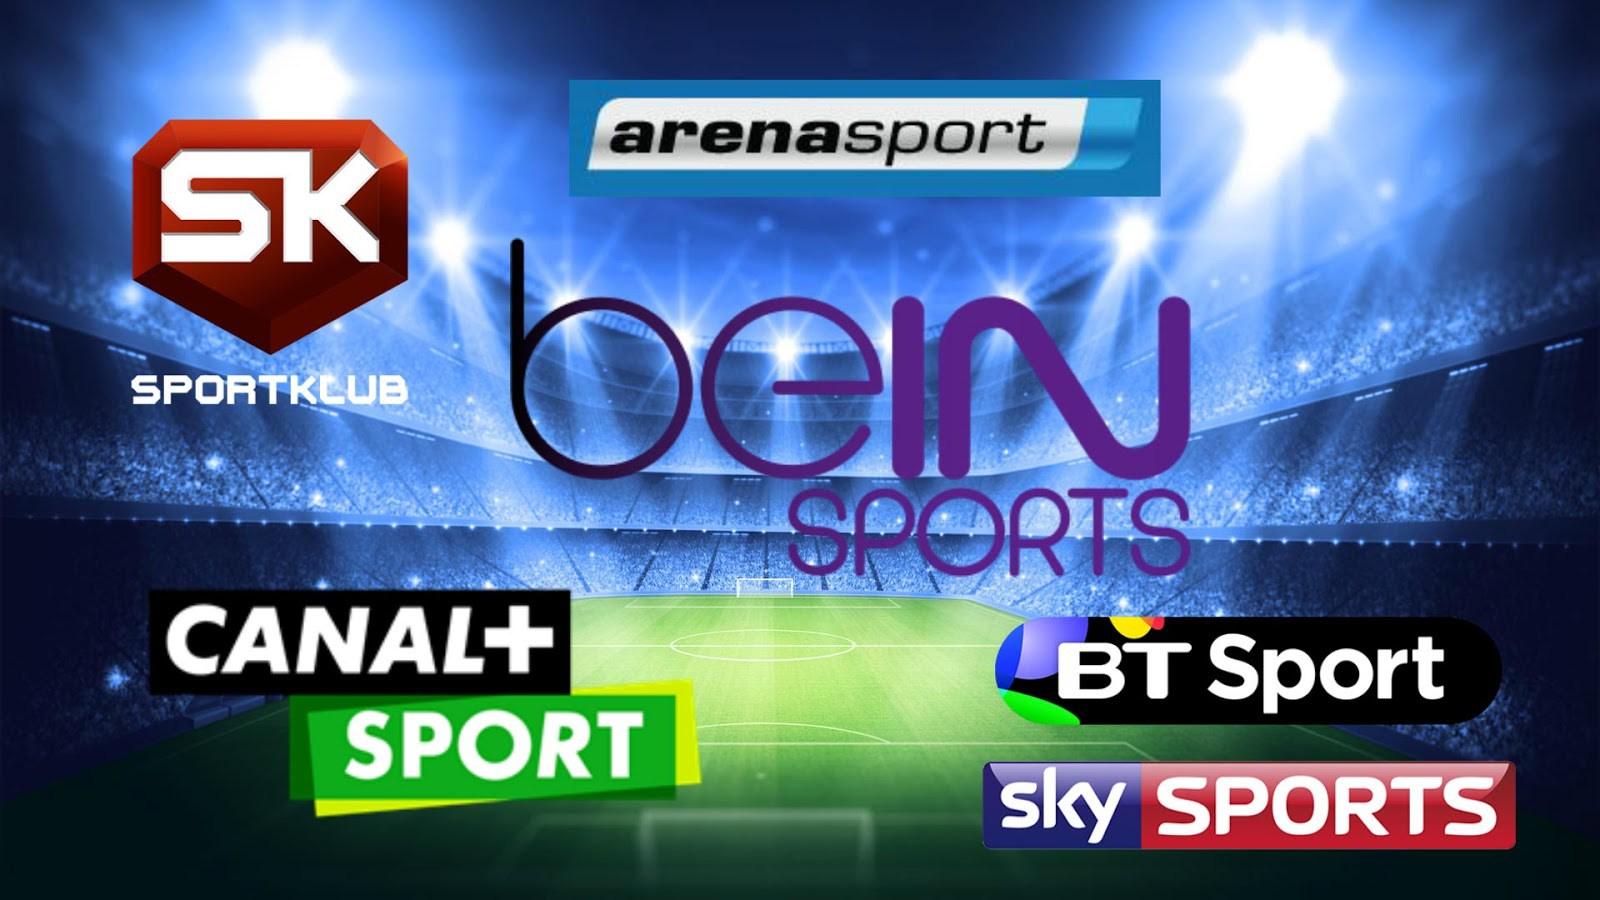 T%25C3%25A9l%25C3%25A9charger-IPTV-m3u-Sports-channels-Bein-Sport-Sky-BT-Kodi-12-06-17.jpg